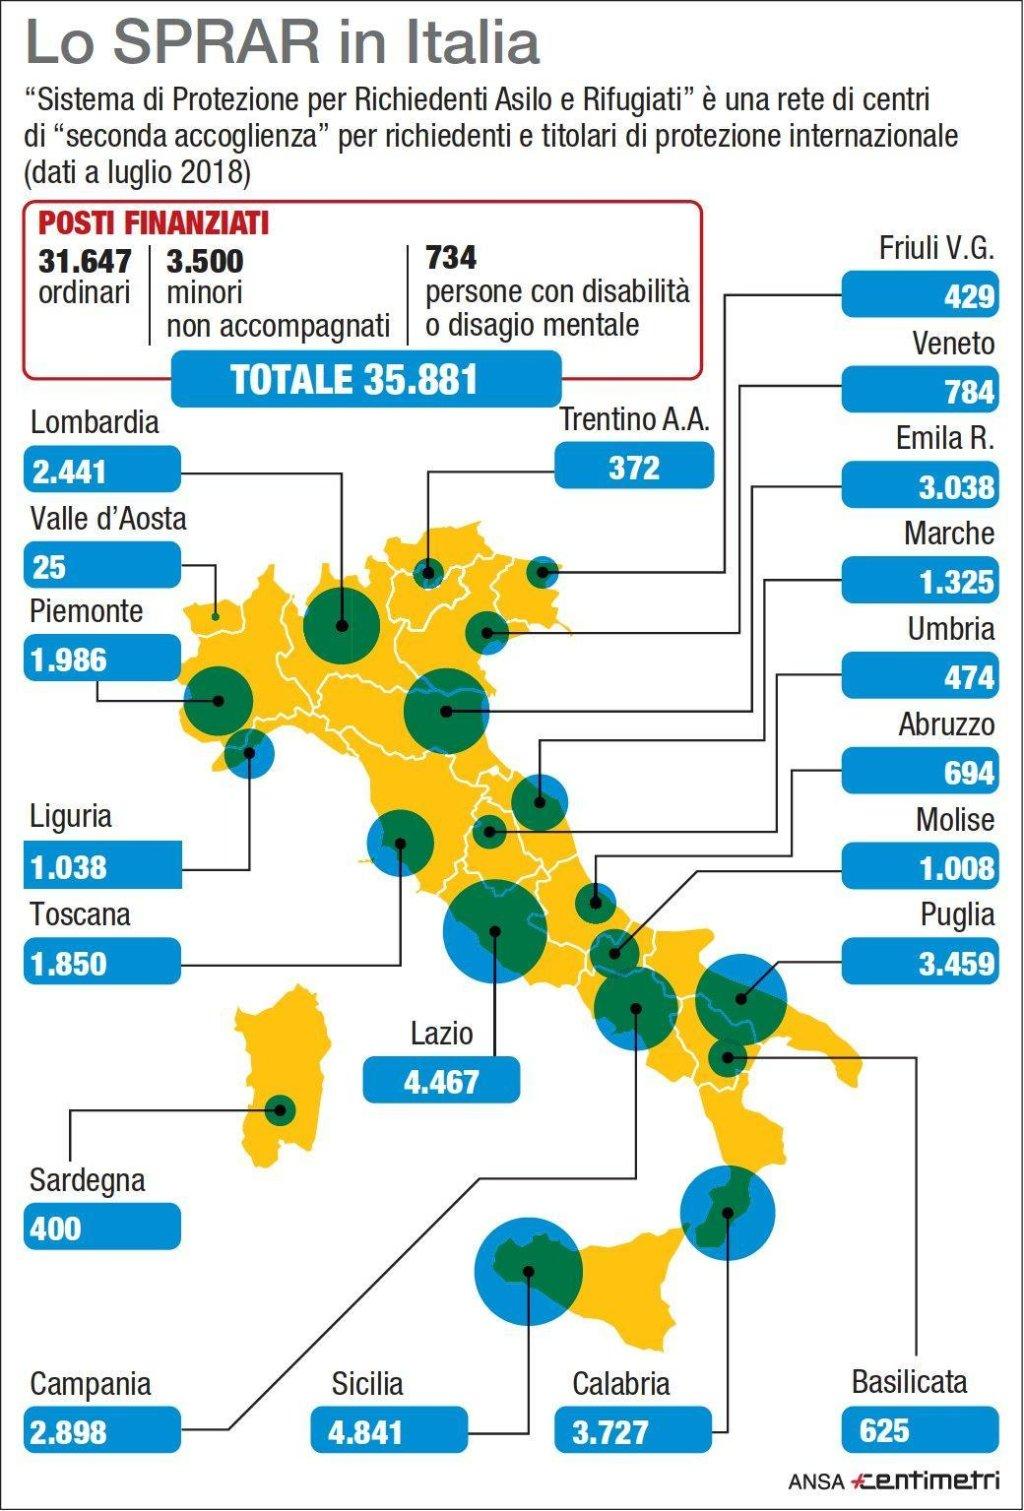 شبكة النظام الإيطالي لحماية طالبي اللجوء واللاجئين. المصدر: أنسا/ سنتيمتري.